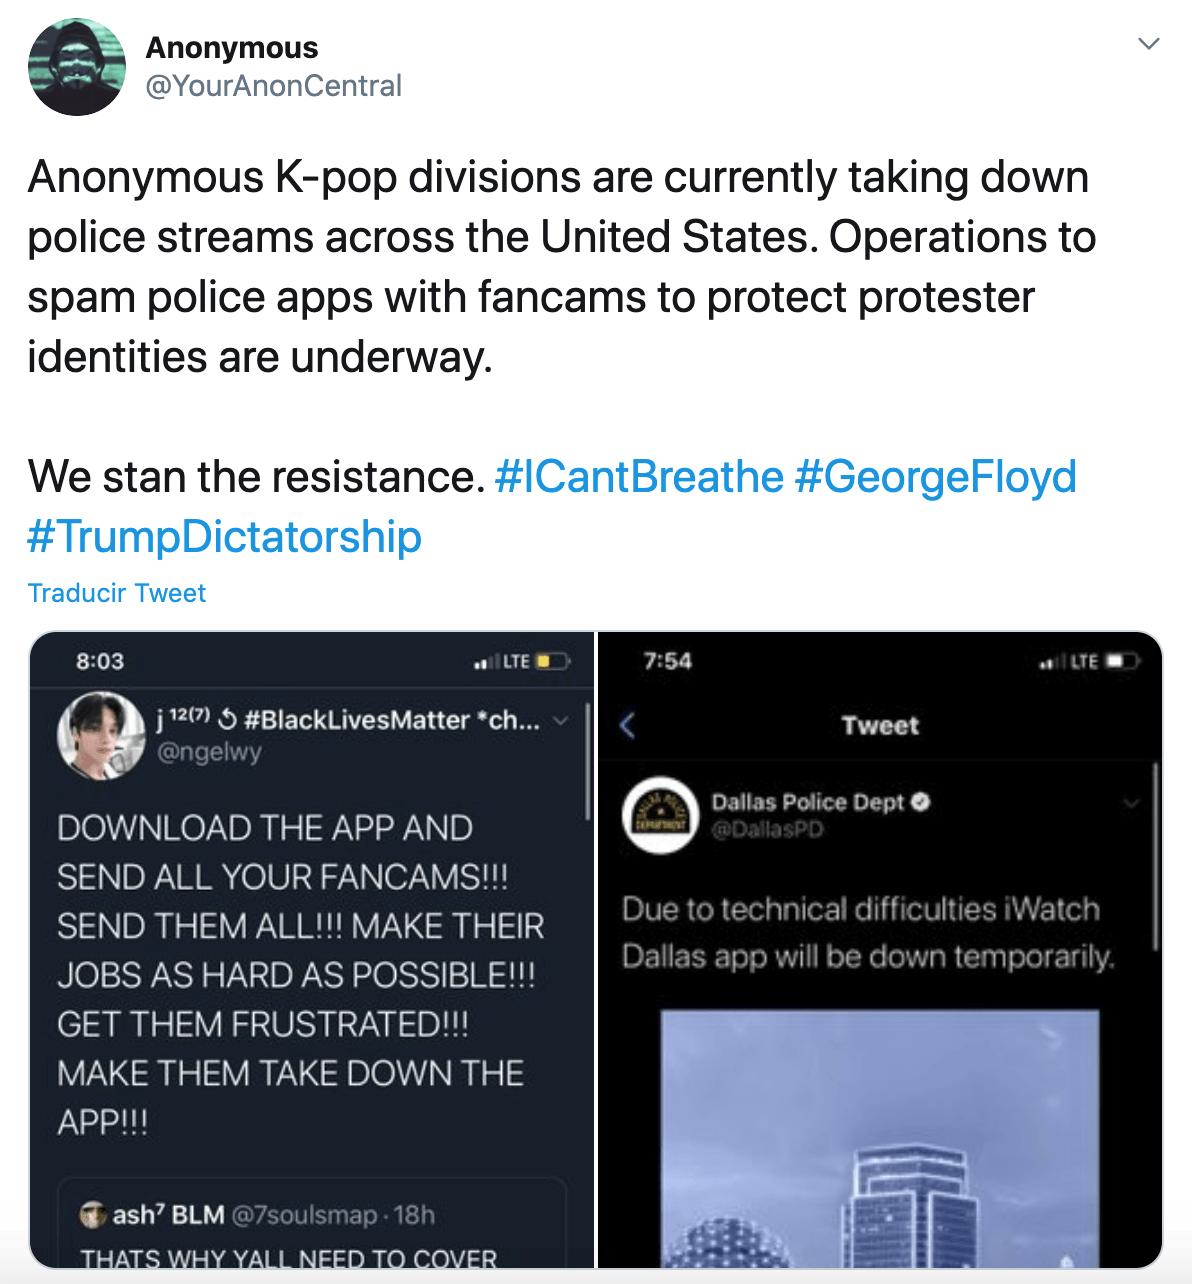 Fans de kpop se unen con Anonymous para proteger a manifestantes de Black Lives Matter